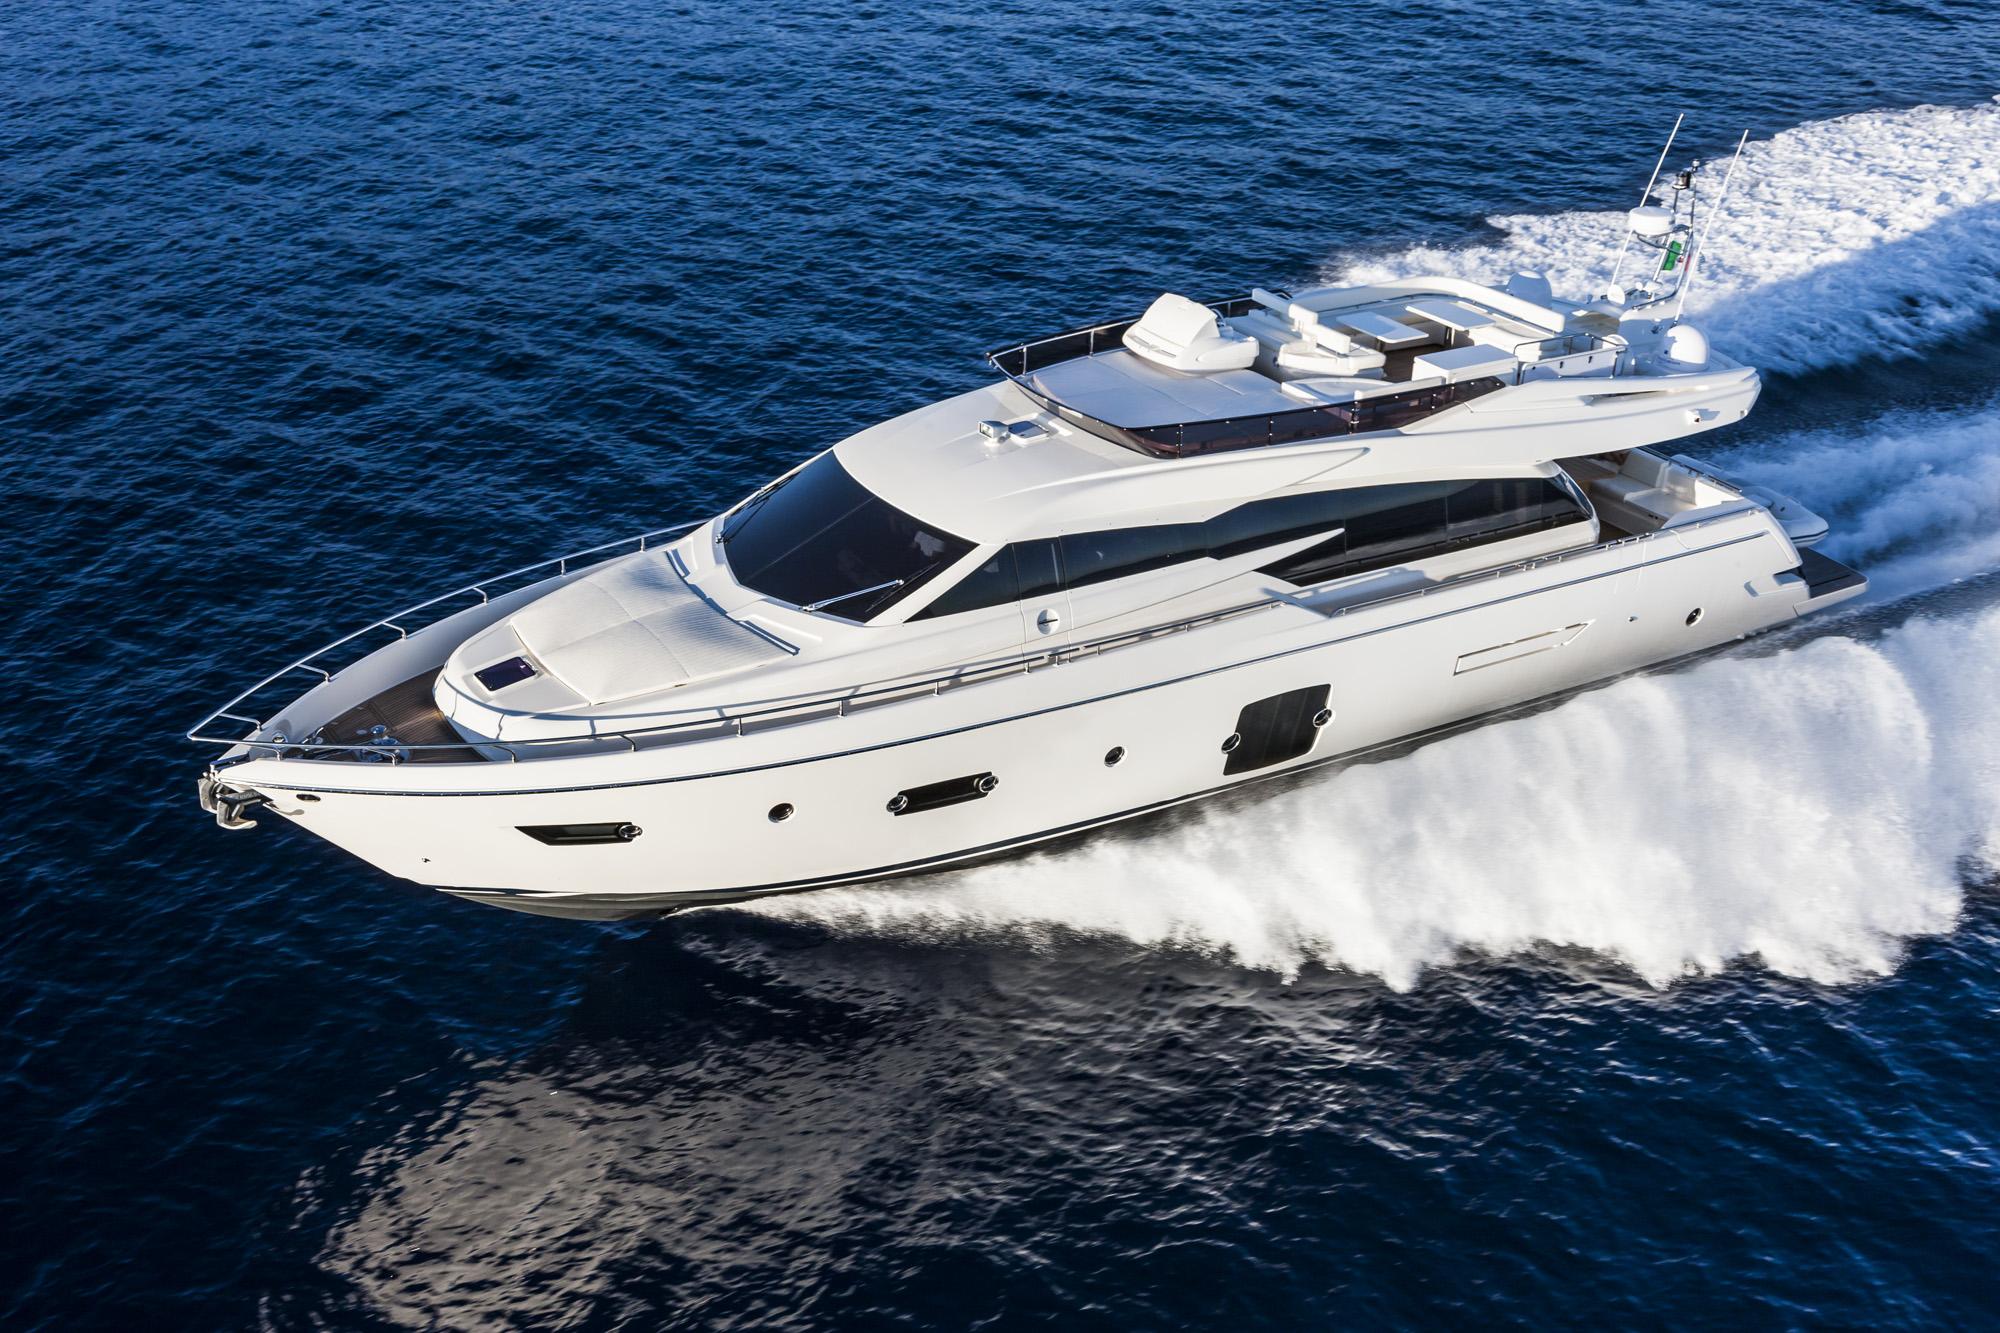 Ferretti 750 Ita Yachts Canada Ita Yachts Canada